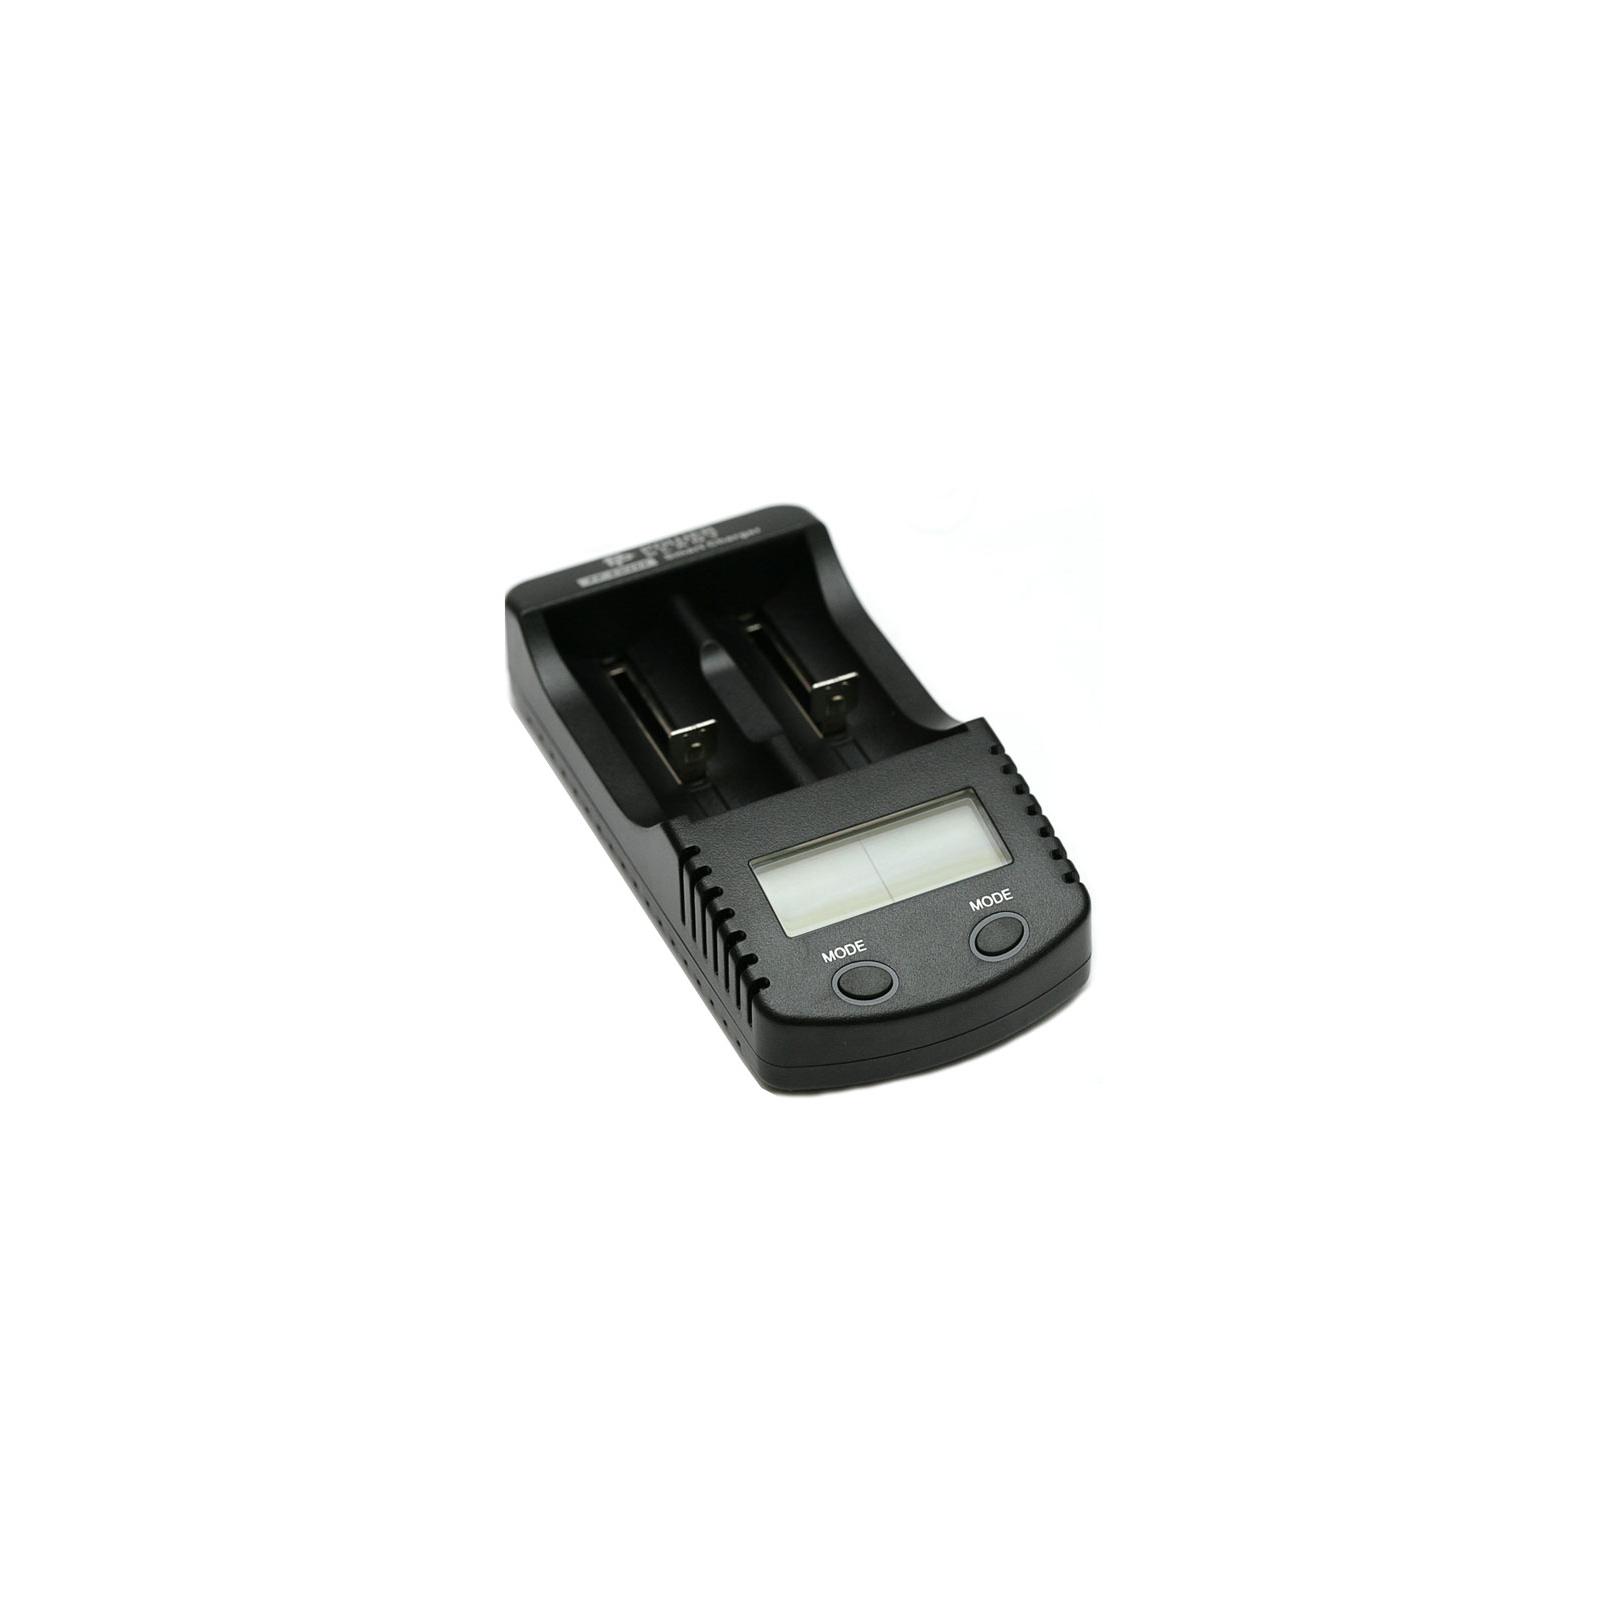 Зарядное устройство для аккумуляторов PowerPlant PP-EU204 / 18650, AA, AAA (DV00DV2812)